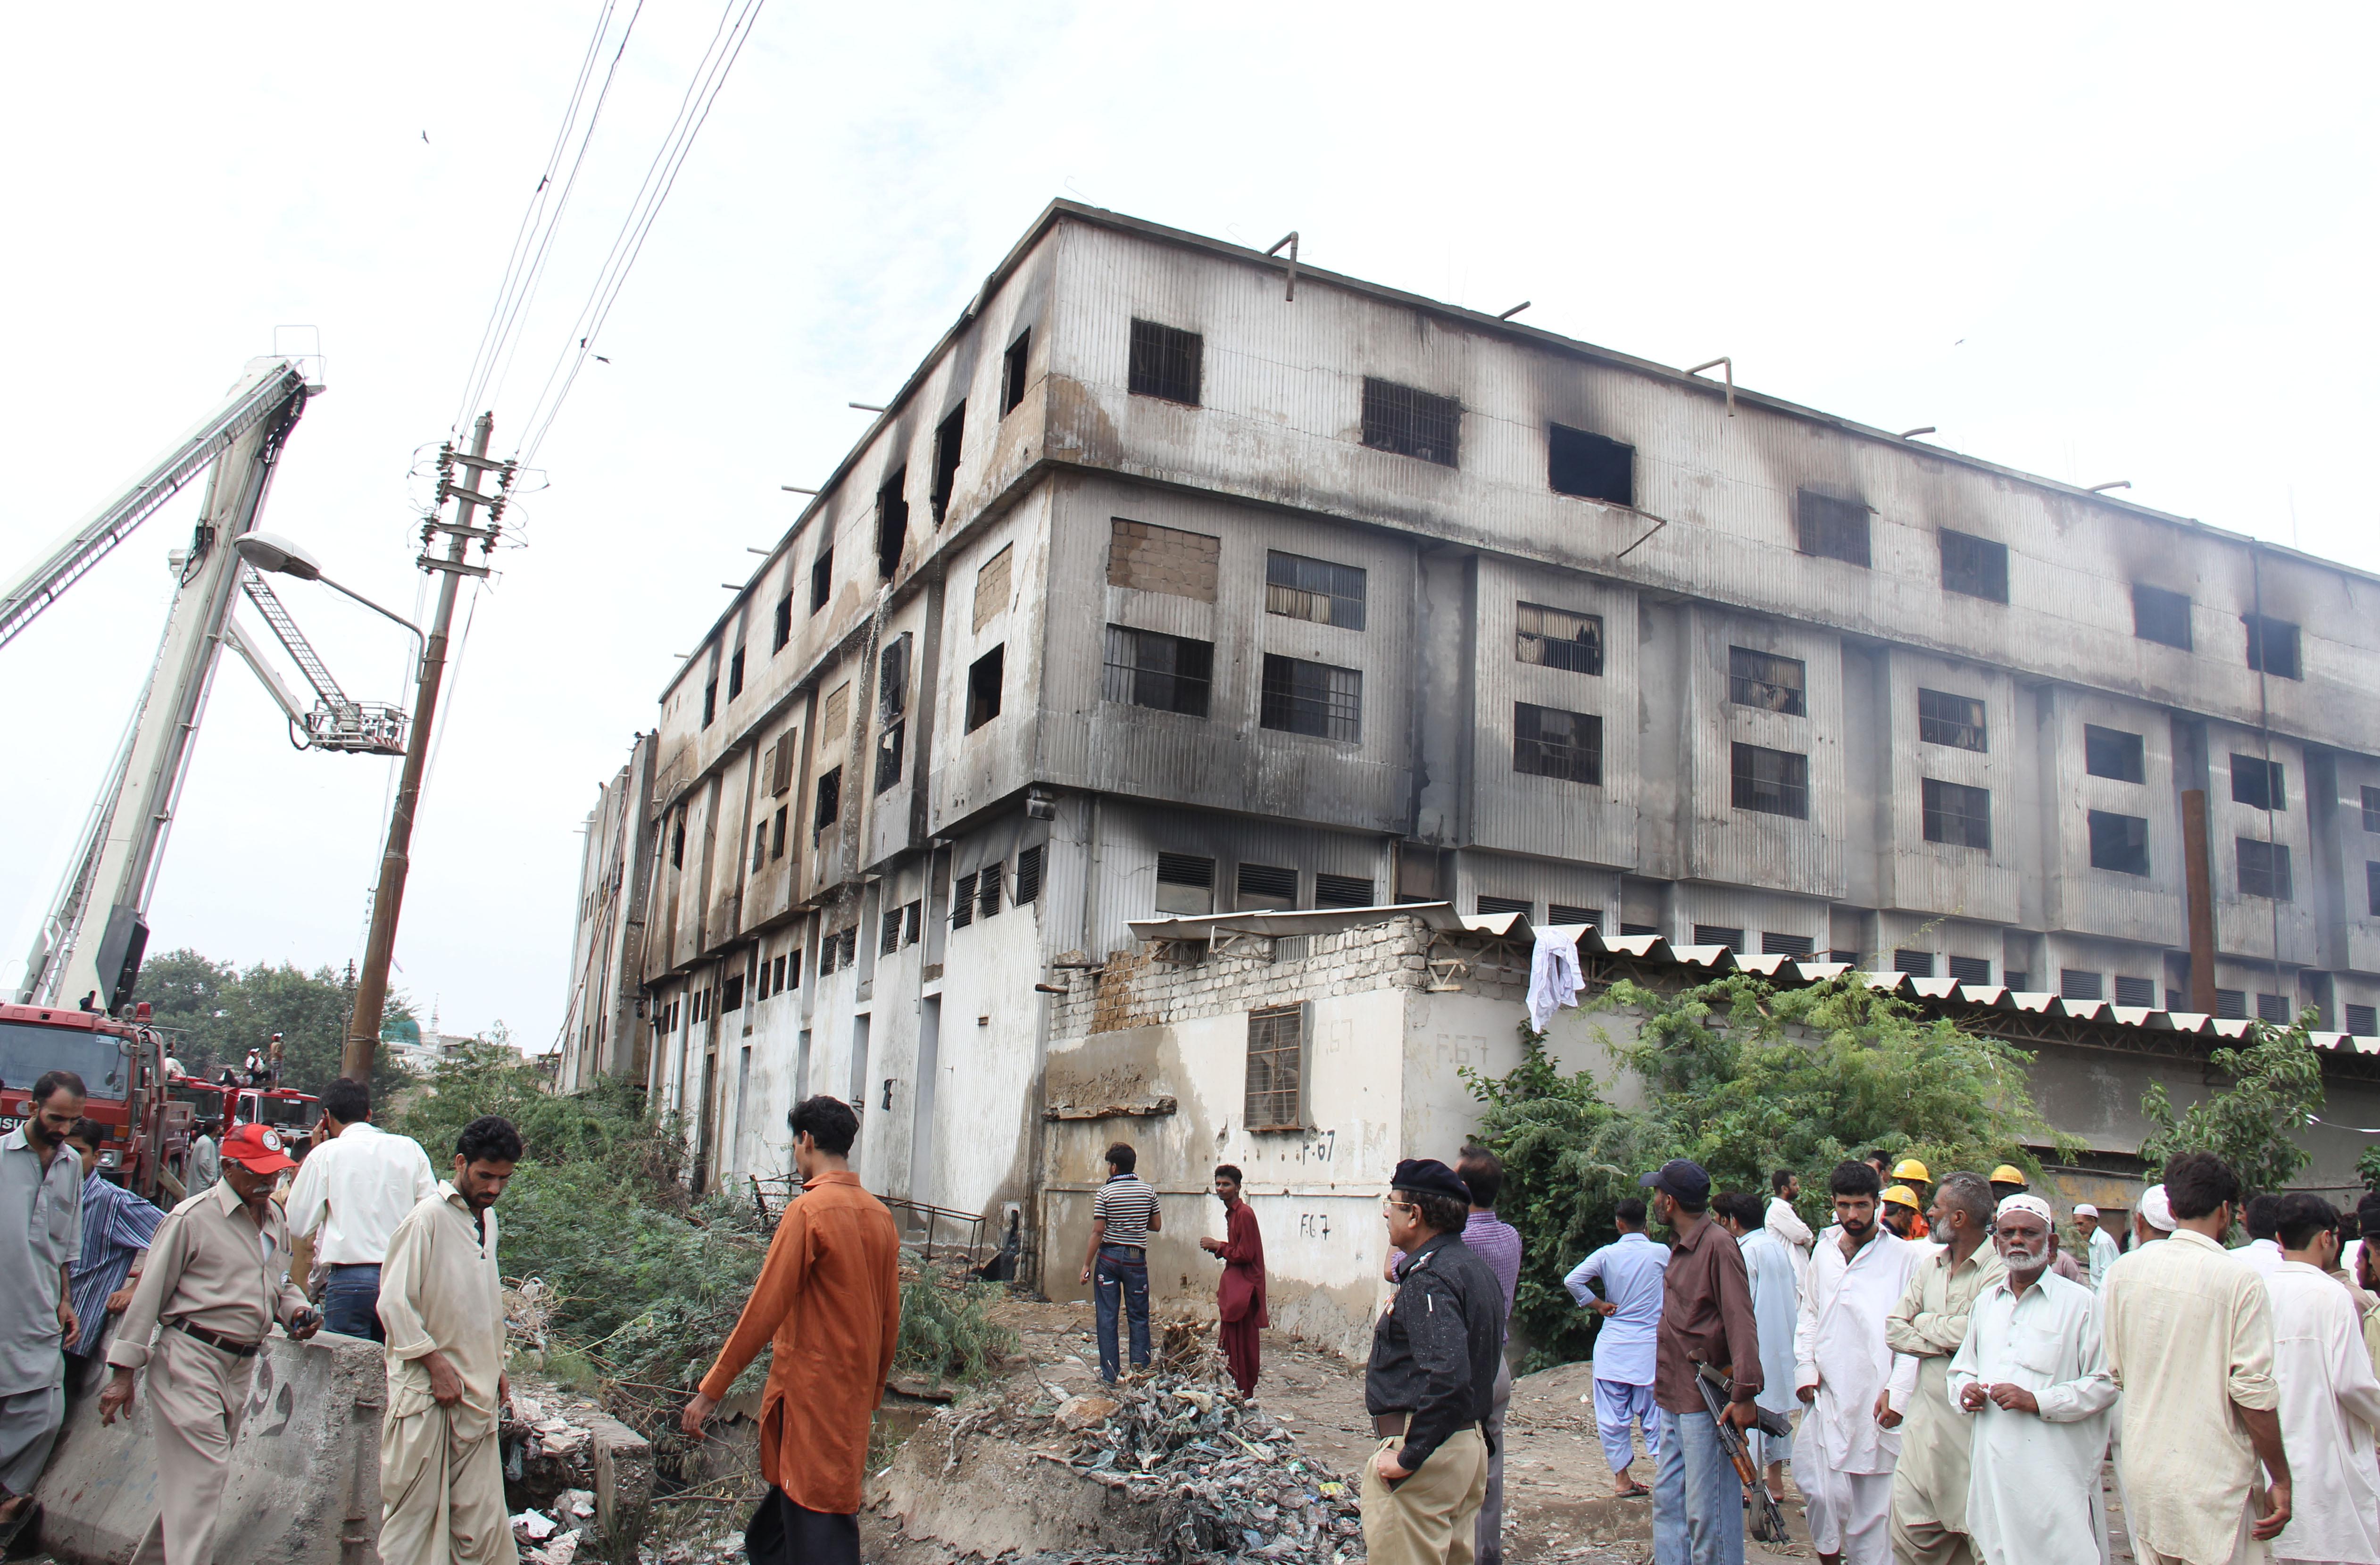 Völlig ausgebrannt: Die Fabrik von Ali Enterprises, in der bei einem Feuer 258 Menschen starben. Bild: ECCHR